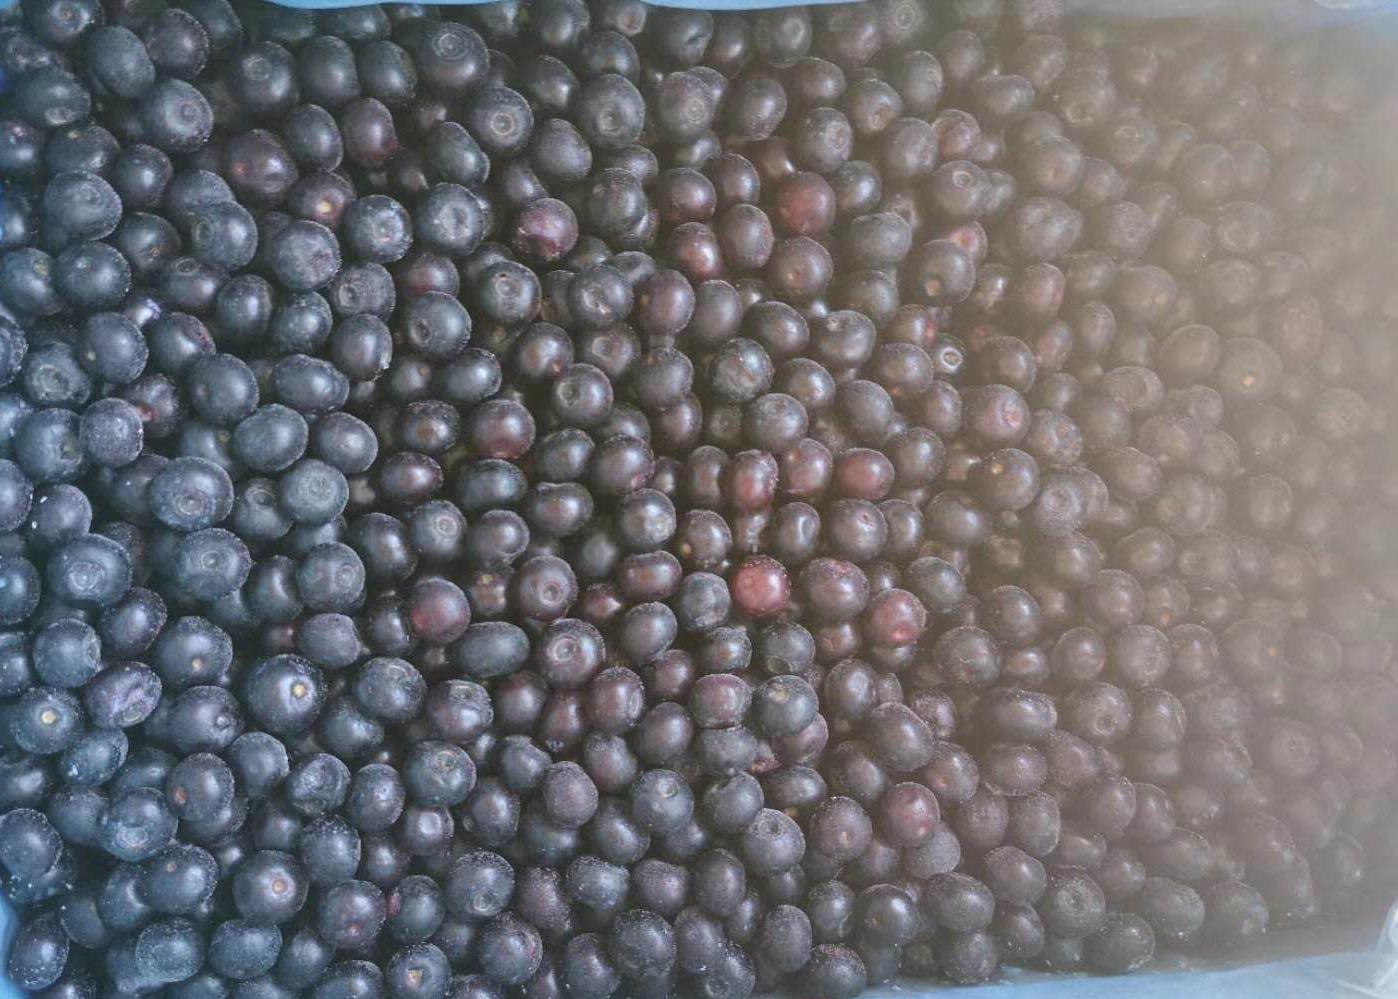 冷凍藍莓,速凍藍莓 1